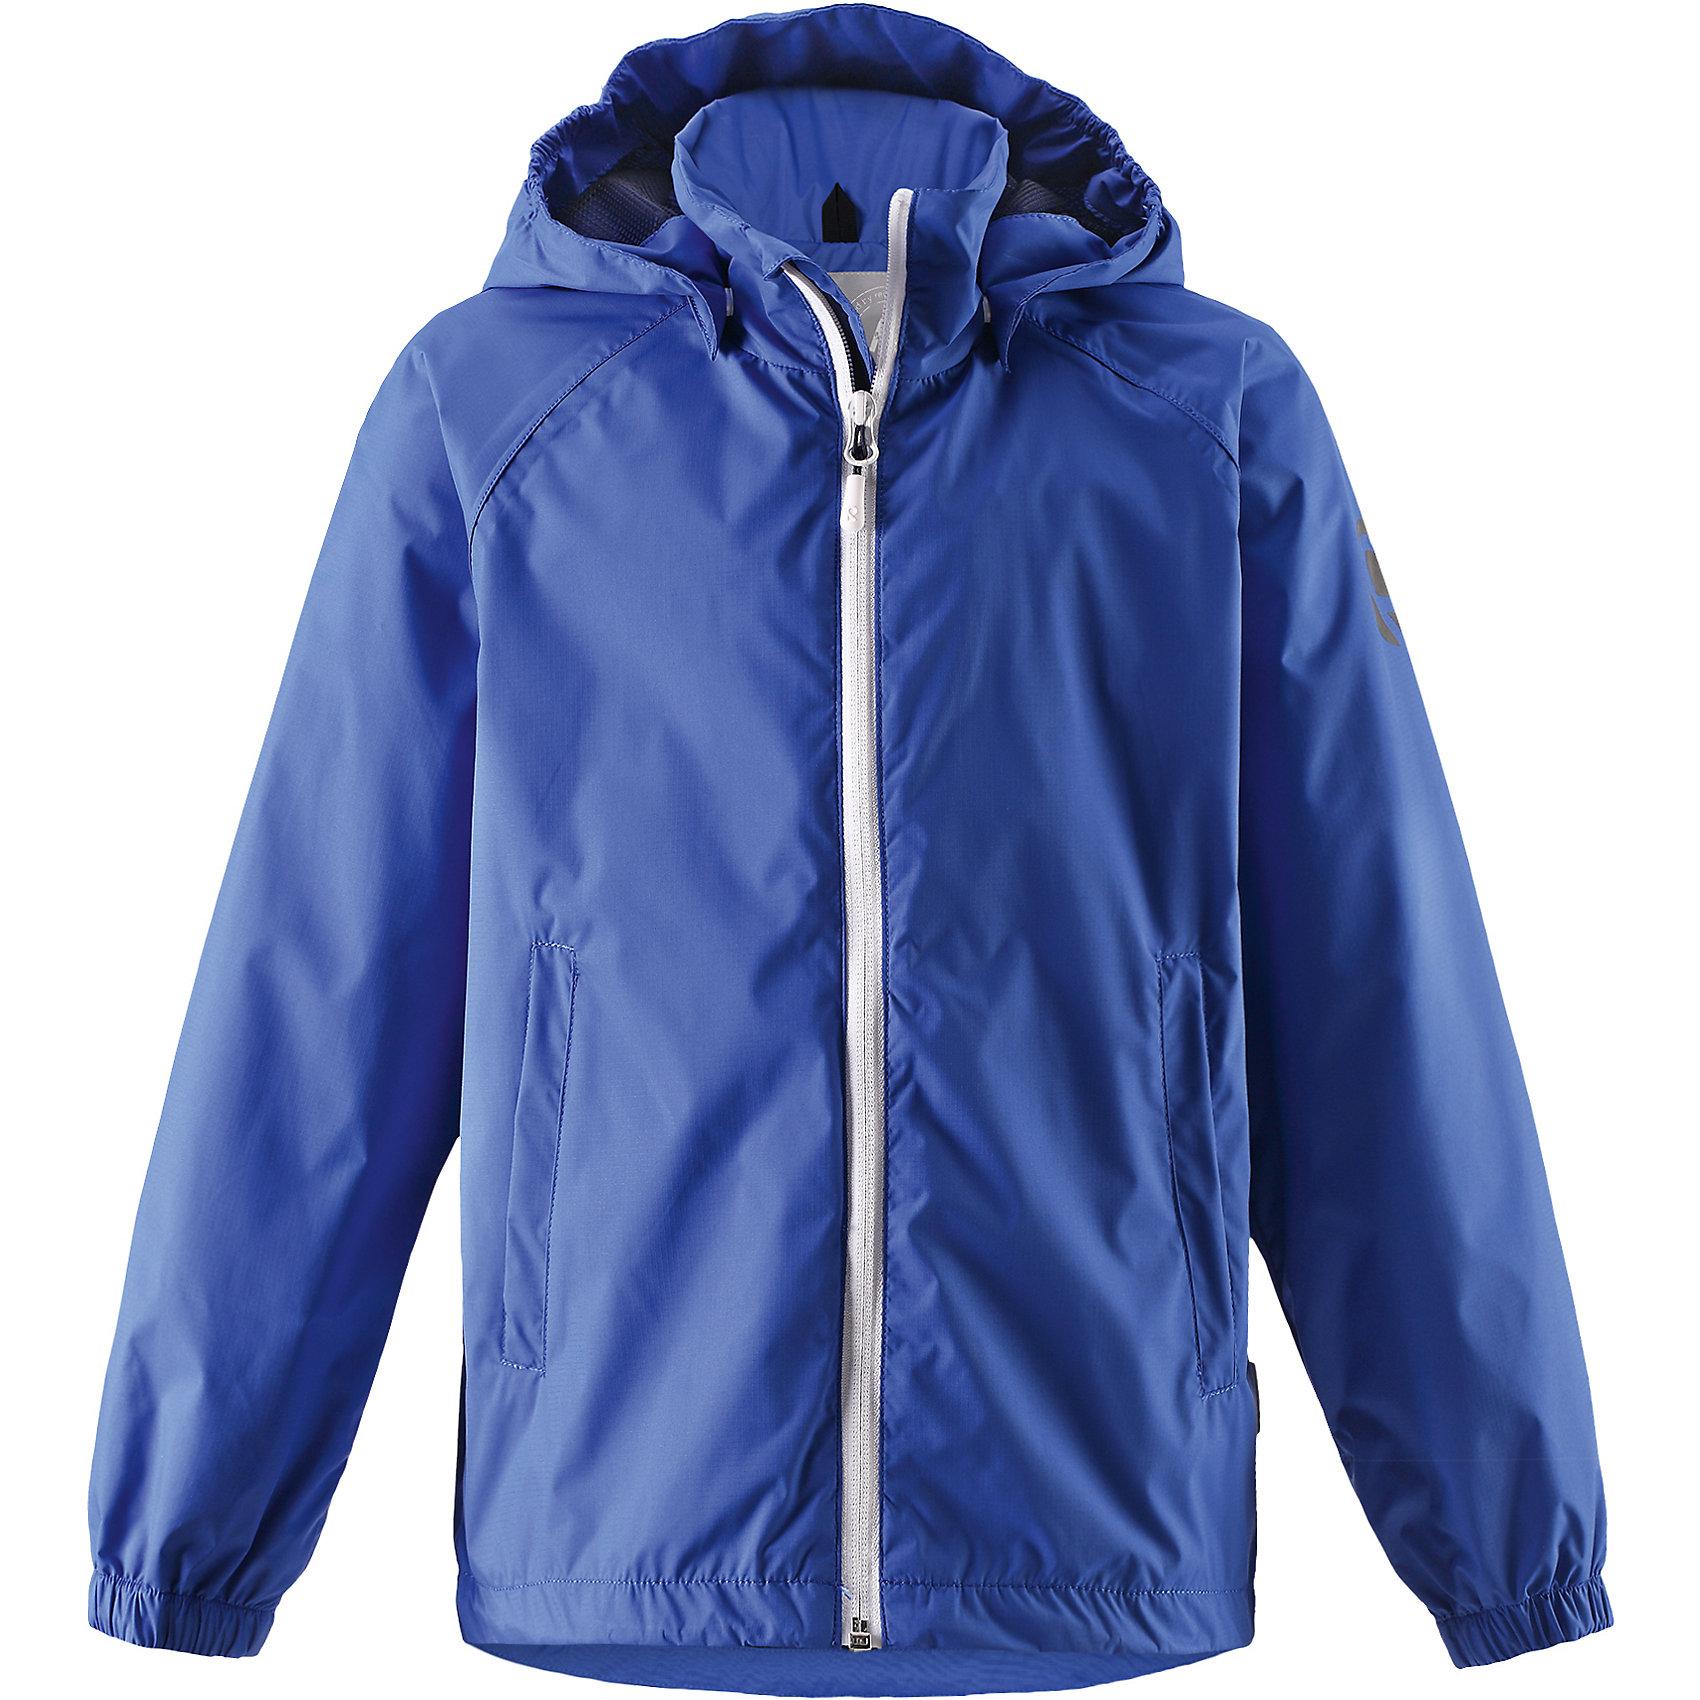 Куртка Roder для мальчика Reimatec® ReimaОдежда<br>Характеристики товара:<br><br>• цвет: синий<br>• состав: 100% полиэстер, полиуретановое покрытие<br>• температурный режим: от +10°до -20°С<br>• без утеплителя<br>• водонепроницаемость 5000 мм<br>• ветронепроницаемость 5000<br>• сопротивление трению: 3000 циклов (тест Мартиндейла).<br>• швы проклеены и водонепроницаемы<br>• водо- и ветронепроницаемый «дышащий» материал<br>• подкладка: mesh-сетка<br>• безопасный съёмный капюшон<br>• регулируемый подол<br>• эластичные манжеты<br>• усовершенствованная молния - больше не застрянет!<br>• возможность сложить куртку в ее собственный карман<br>• два прорезных кармана<br>• комфортная посадка<br>• страна производства: Китай<br>• страна бренда: Финляндия<br>• коллекция: весна-лето 2017<br><br>Верхняя одежда для детей может быть модной и комфортной одновременно! Демисезонная куртка поможет обеспечить ребенку комфорт и тепло. Она отлично смотрится с различной одеждой и обувью. Изделие удобно сидит и модно выглядит. Материал - прочный, хорошо подходящий для межсезонья, водо- и ветронепроницаемый, «дышащий». Стильный дизайн разрабатывался специально для детей.<br><br>Одежда и обувь от финского бренда Reima пользуется популярностью во многих странах. Эти изделия стильные, качественные и удобные. Для производства продукции используются только безопасные, проверенные материалы и фурнитура. Порадуйте ребенка модными и красивыми вещами от Reima! <br><br>Куртку для мальчика Reimatec® от финского бренда Reima (Рейма) можно купить в нашем интернет-магазине.<br><br>Ширина мм: 356<br>Глубина мм: 10<br>Высота мм: 245<br>Вес г: 519<br>Цвет: синий<br>Возраст от месяцев: 36<br>Возраст до месяцев: 48<br>Пол: Мужской<br>Возраст: Детский<br>Размер: 158,104,164,110,116,122,128,134,140,146,152<br>SKU: 5267573